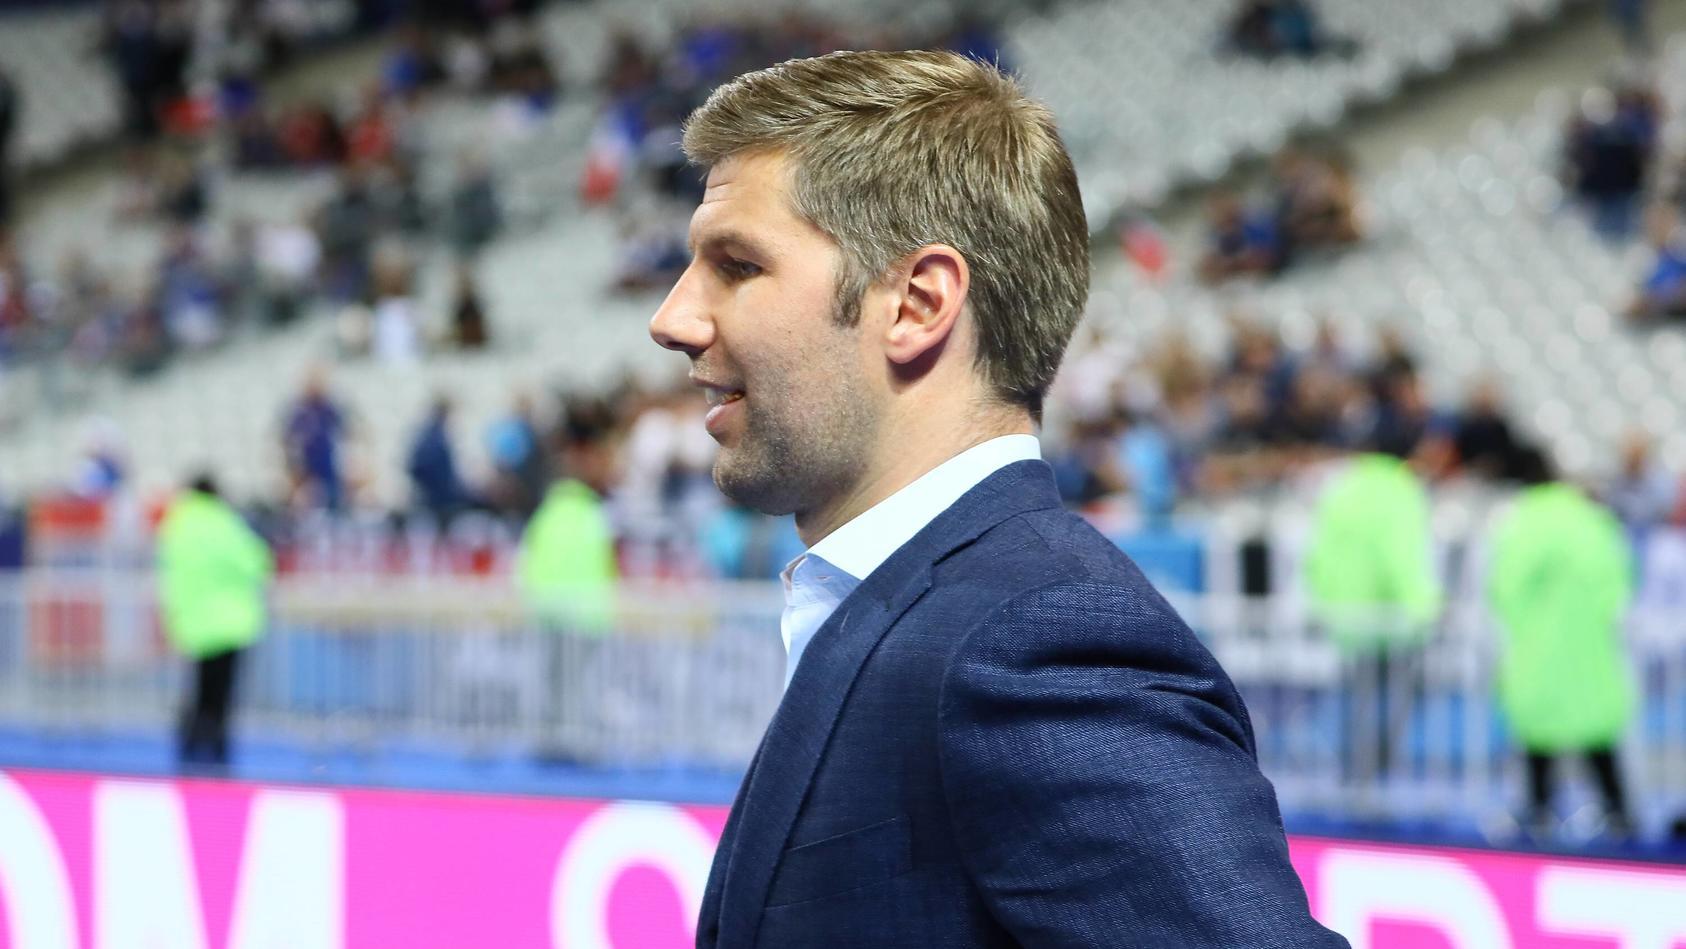 Thomas Hitzlsperger absolvierte 53 Länderspiele für das DFB-Team